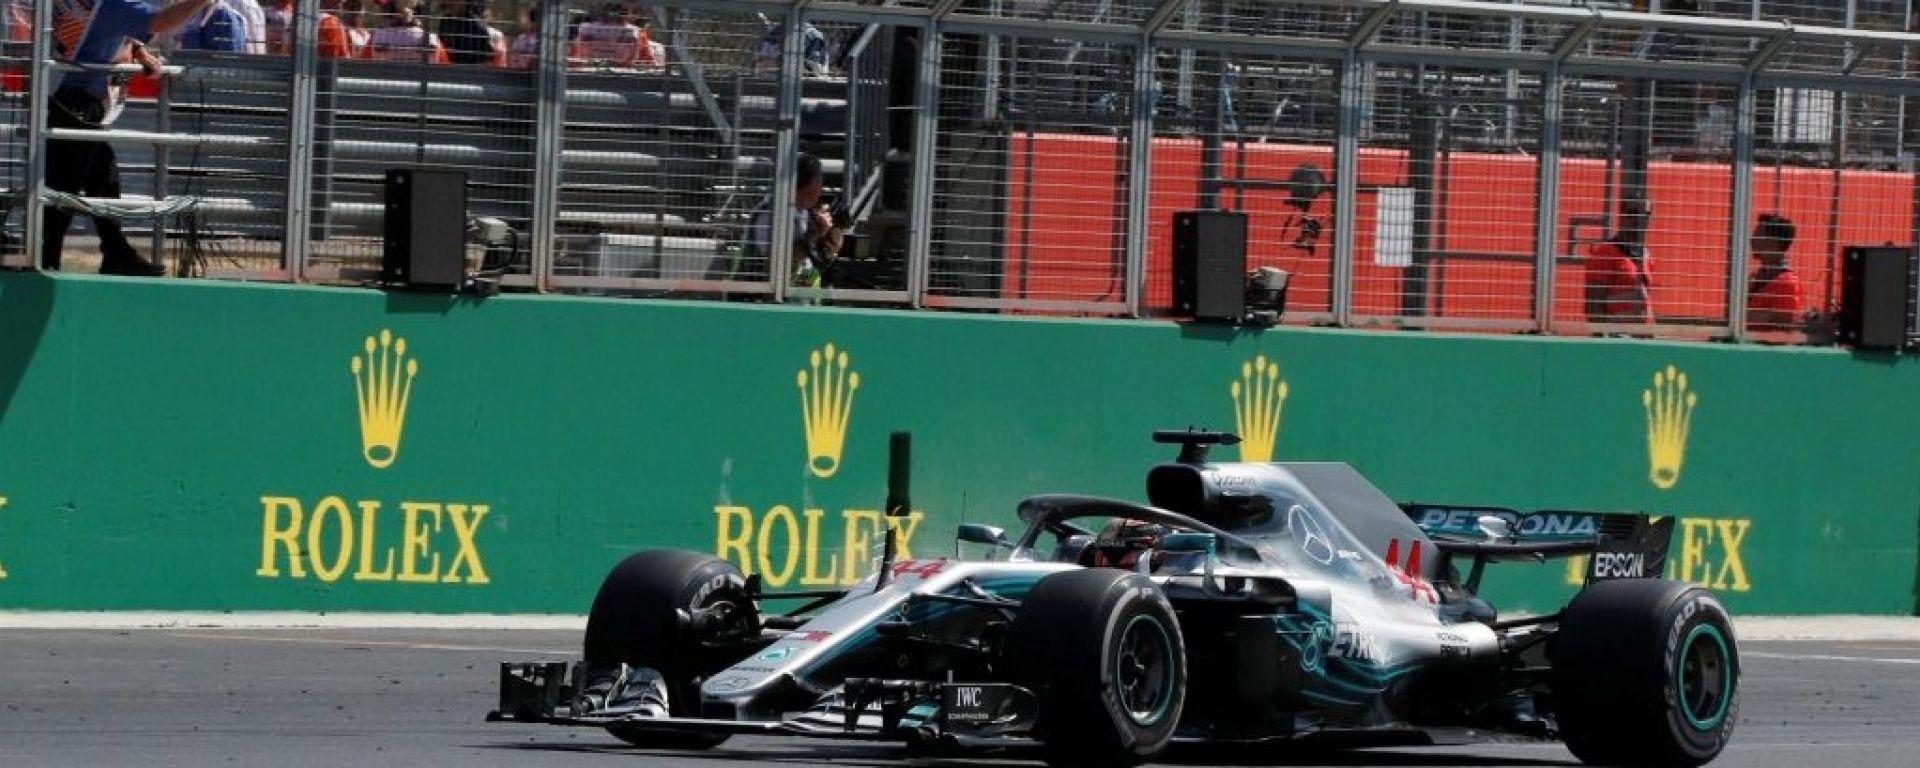 F1 GP Gran Bretagna 2018, Lewis Hamilton taglia il traguardo